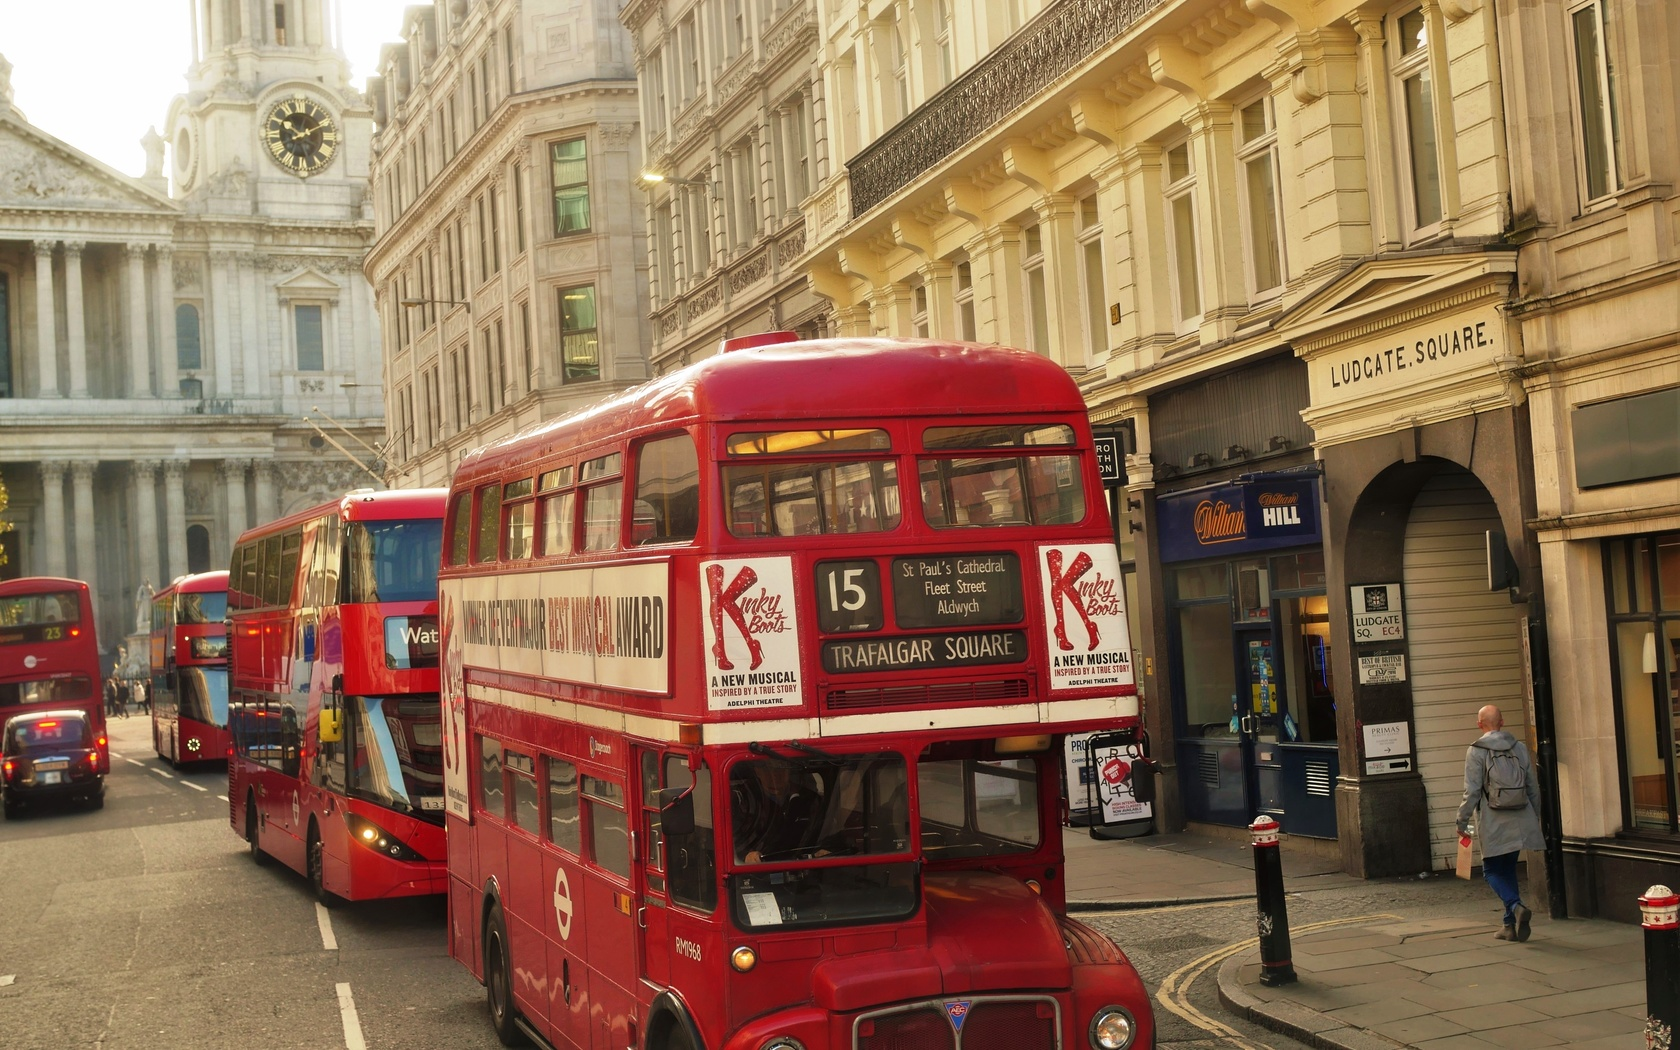 лондон, улица, автобусы, винтаж